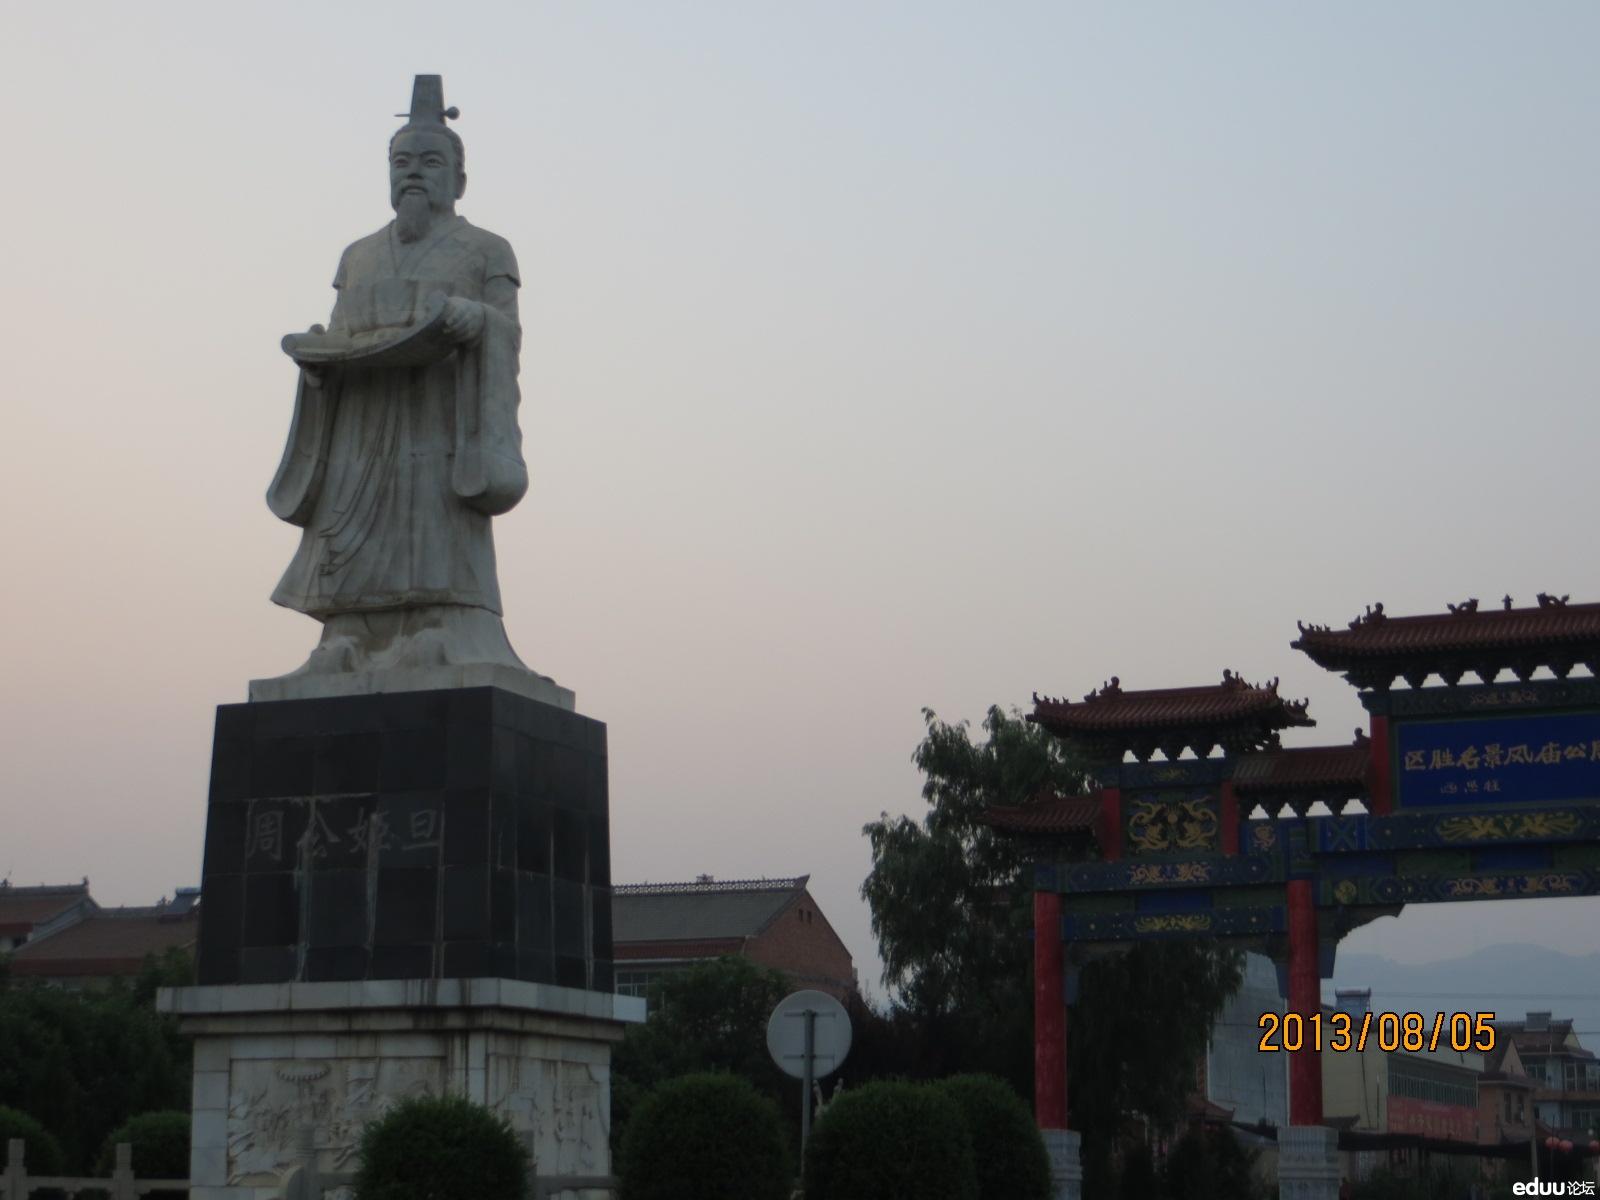 陕西岐山县周公庙周公墓-韵味茶话阁-e度教